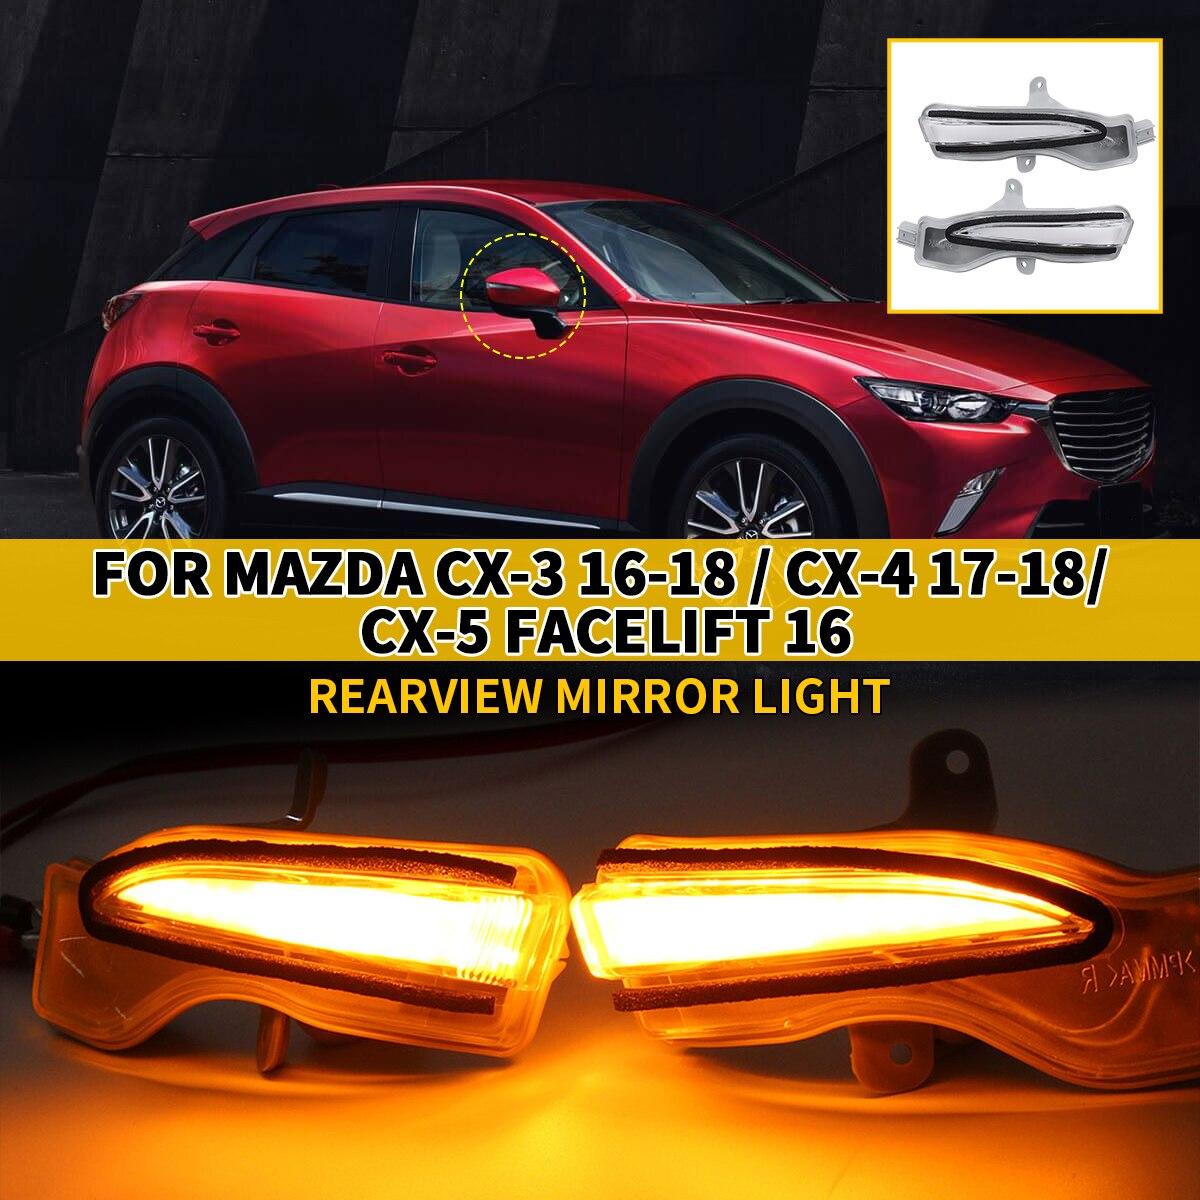 Señal de giro dinámica LED para Mazda Cx3 Cx5 CX-3, CX-4 Cx-5 2016 2017 2018, indicador de espejo retrovisor lateral, luz de repetición intermitente